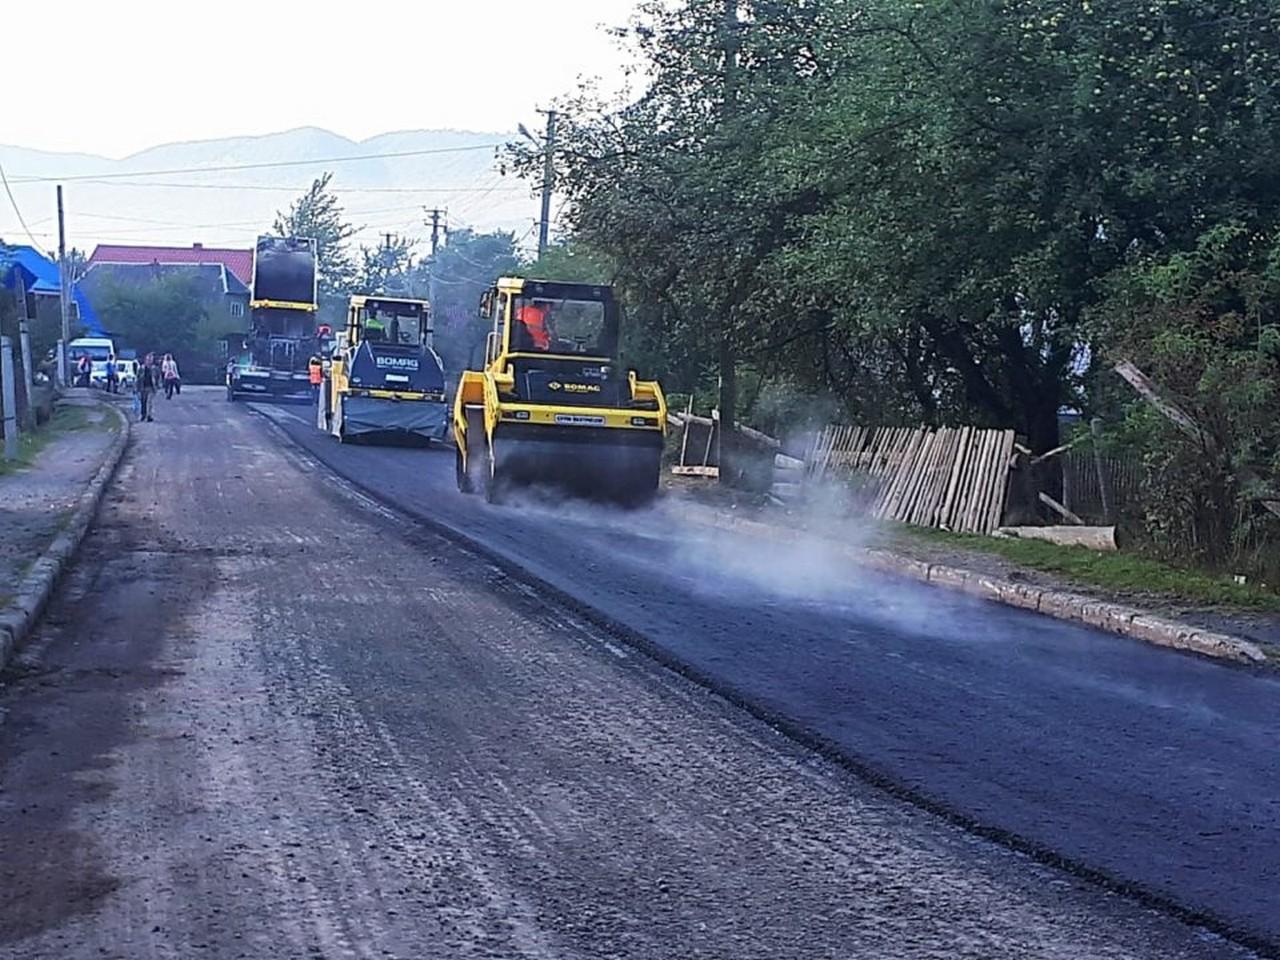 У Міжгірському районі триває капітальний ремонт дороги, яка з'єднує три райони: Тячівський, Хустський, Міжгірський